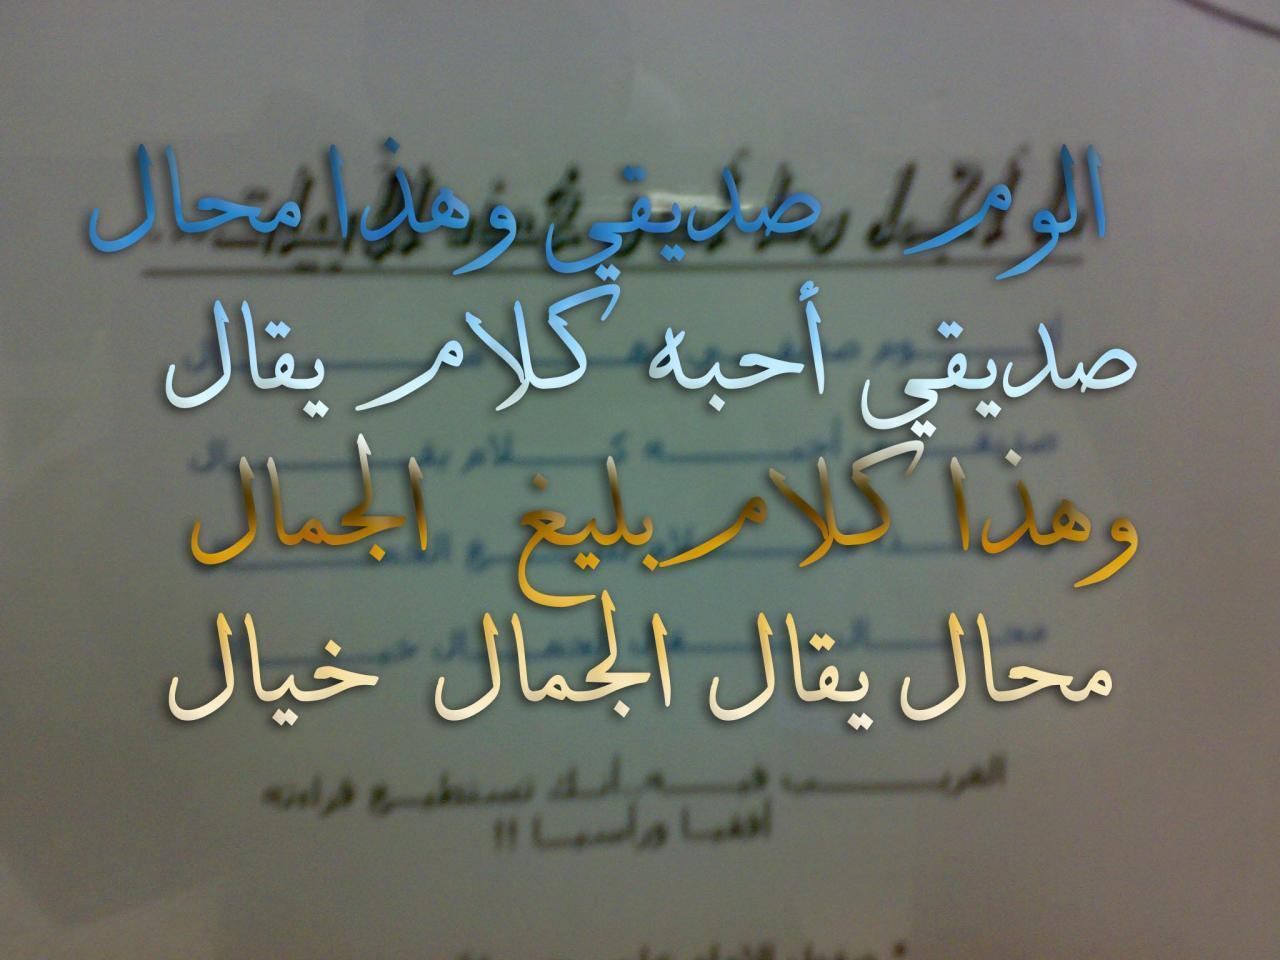 مجموعة صور لل قصيدة مدح صديق